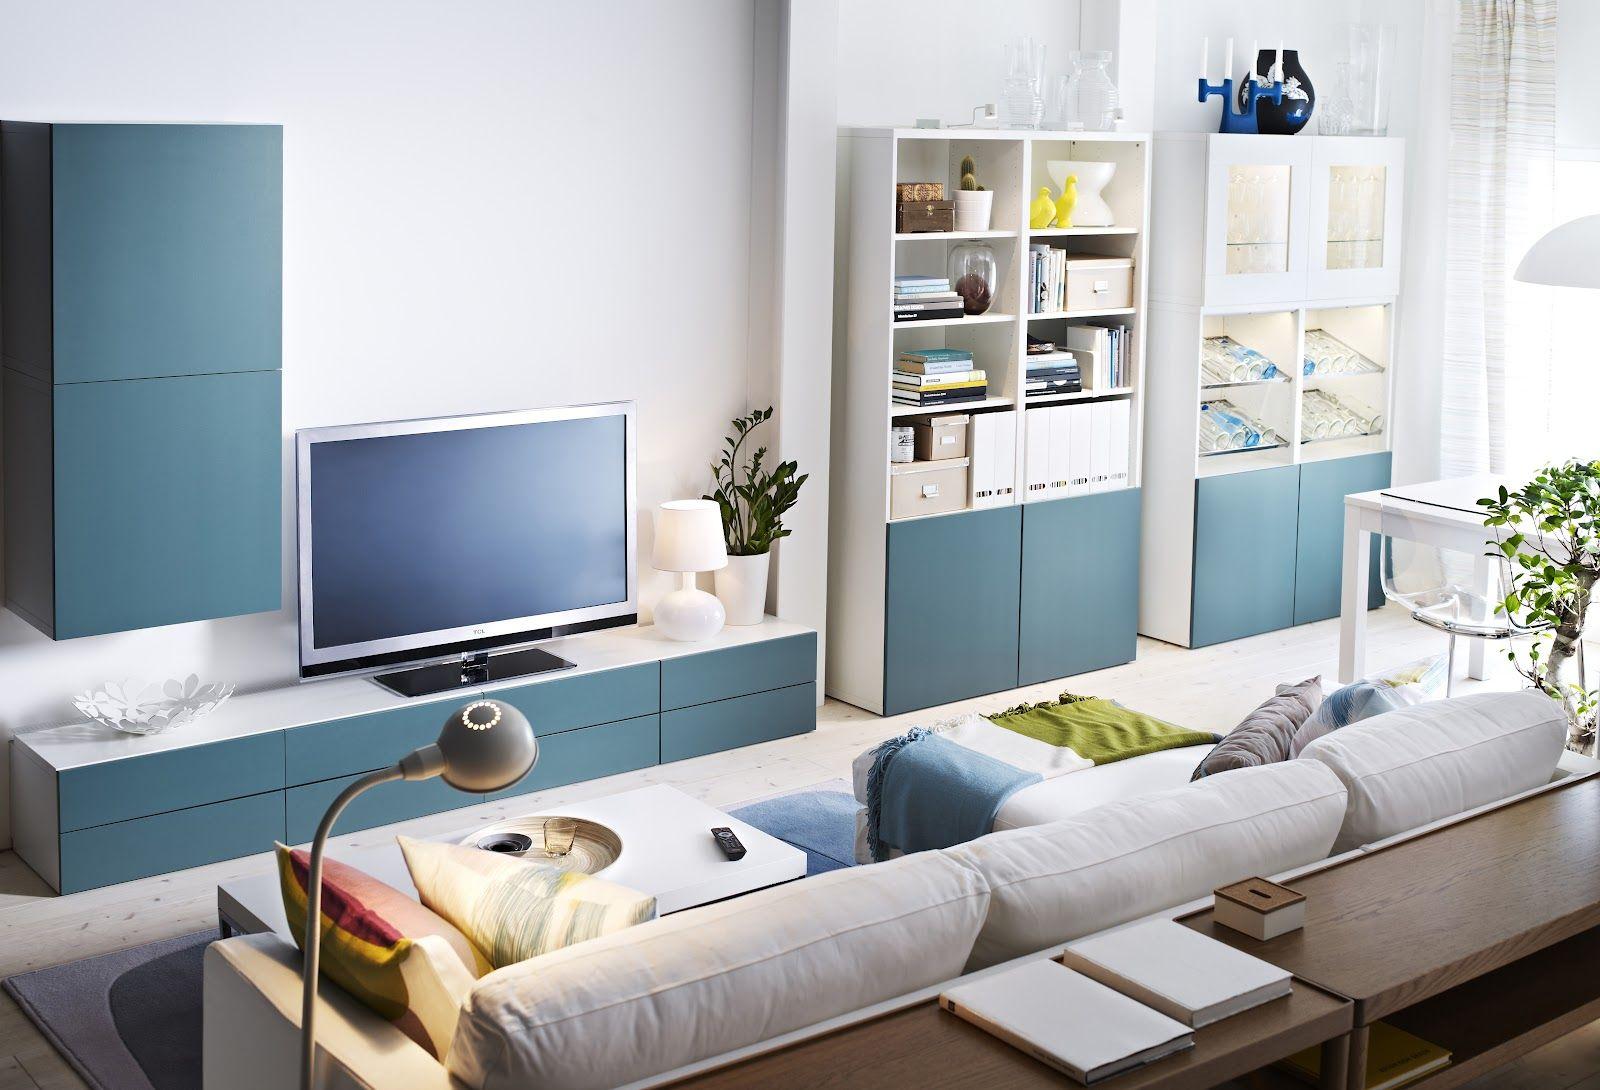 ikea furniture colors. Ikea Aqua Furniture, 2013 Furniture Colors H